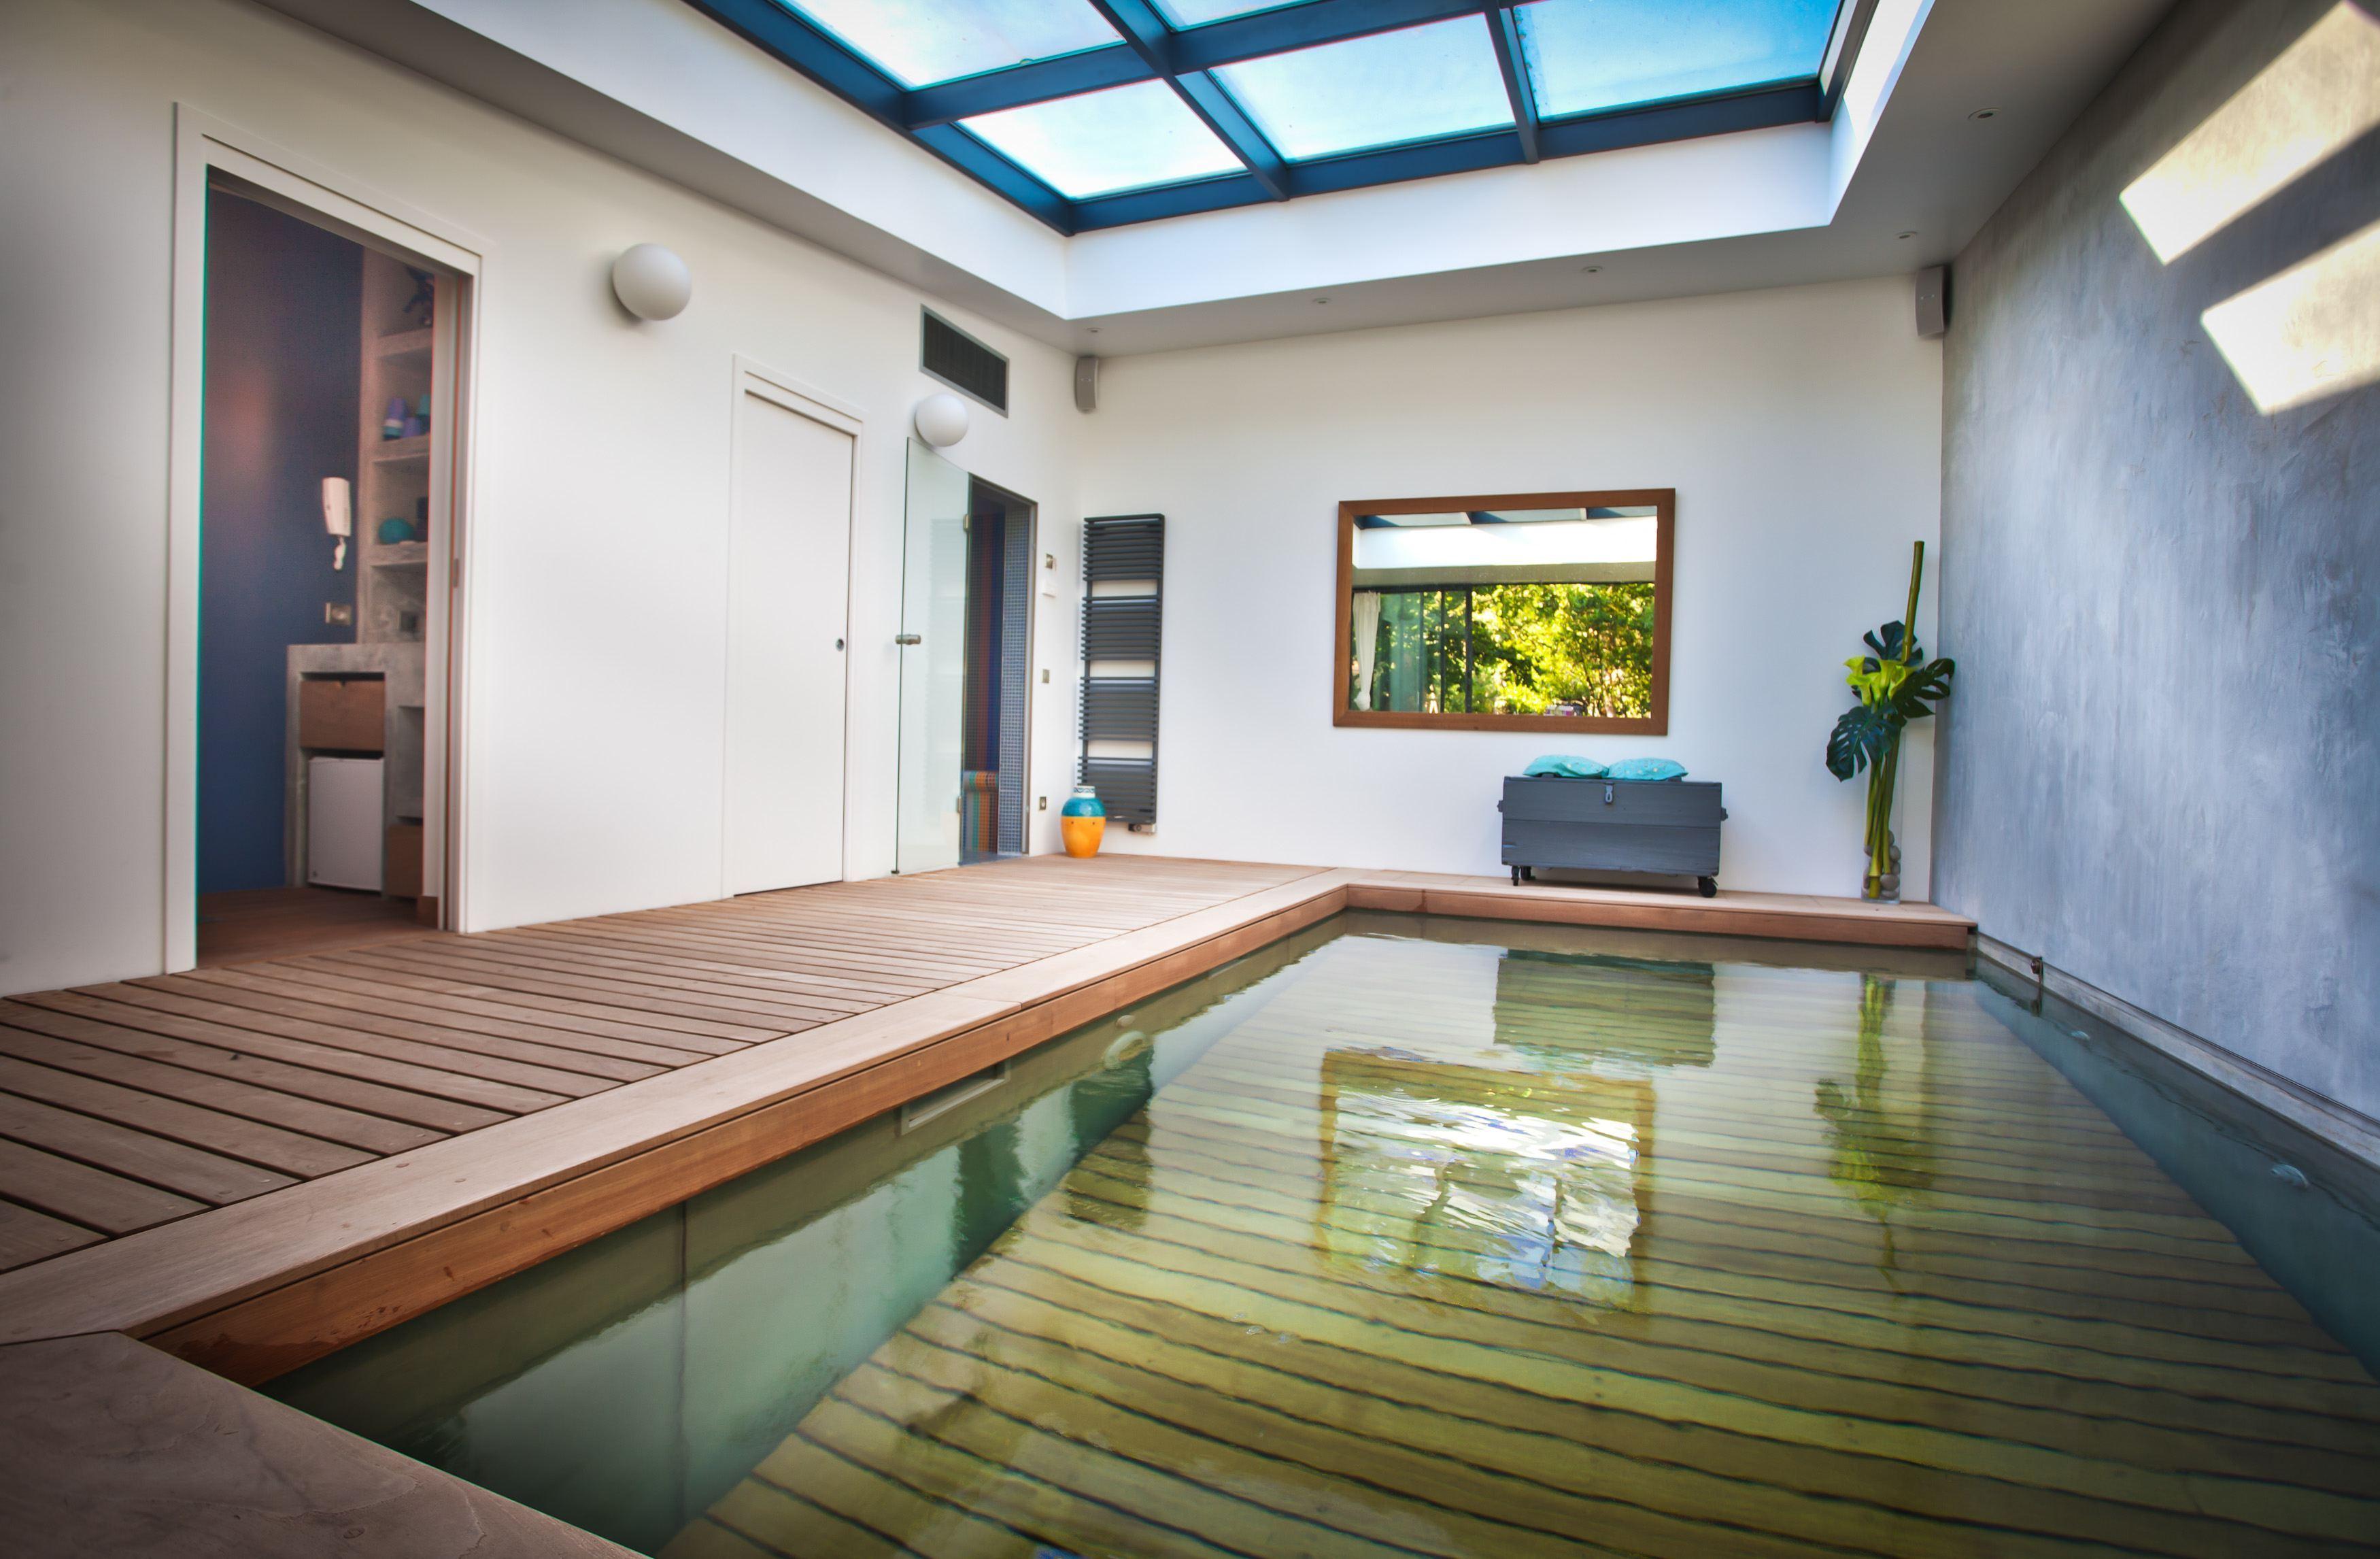 PHOTOS Cette piscine couverte donne envie de sinstaller en banlieue parisienne